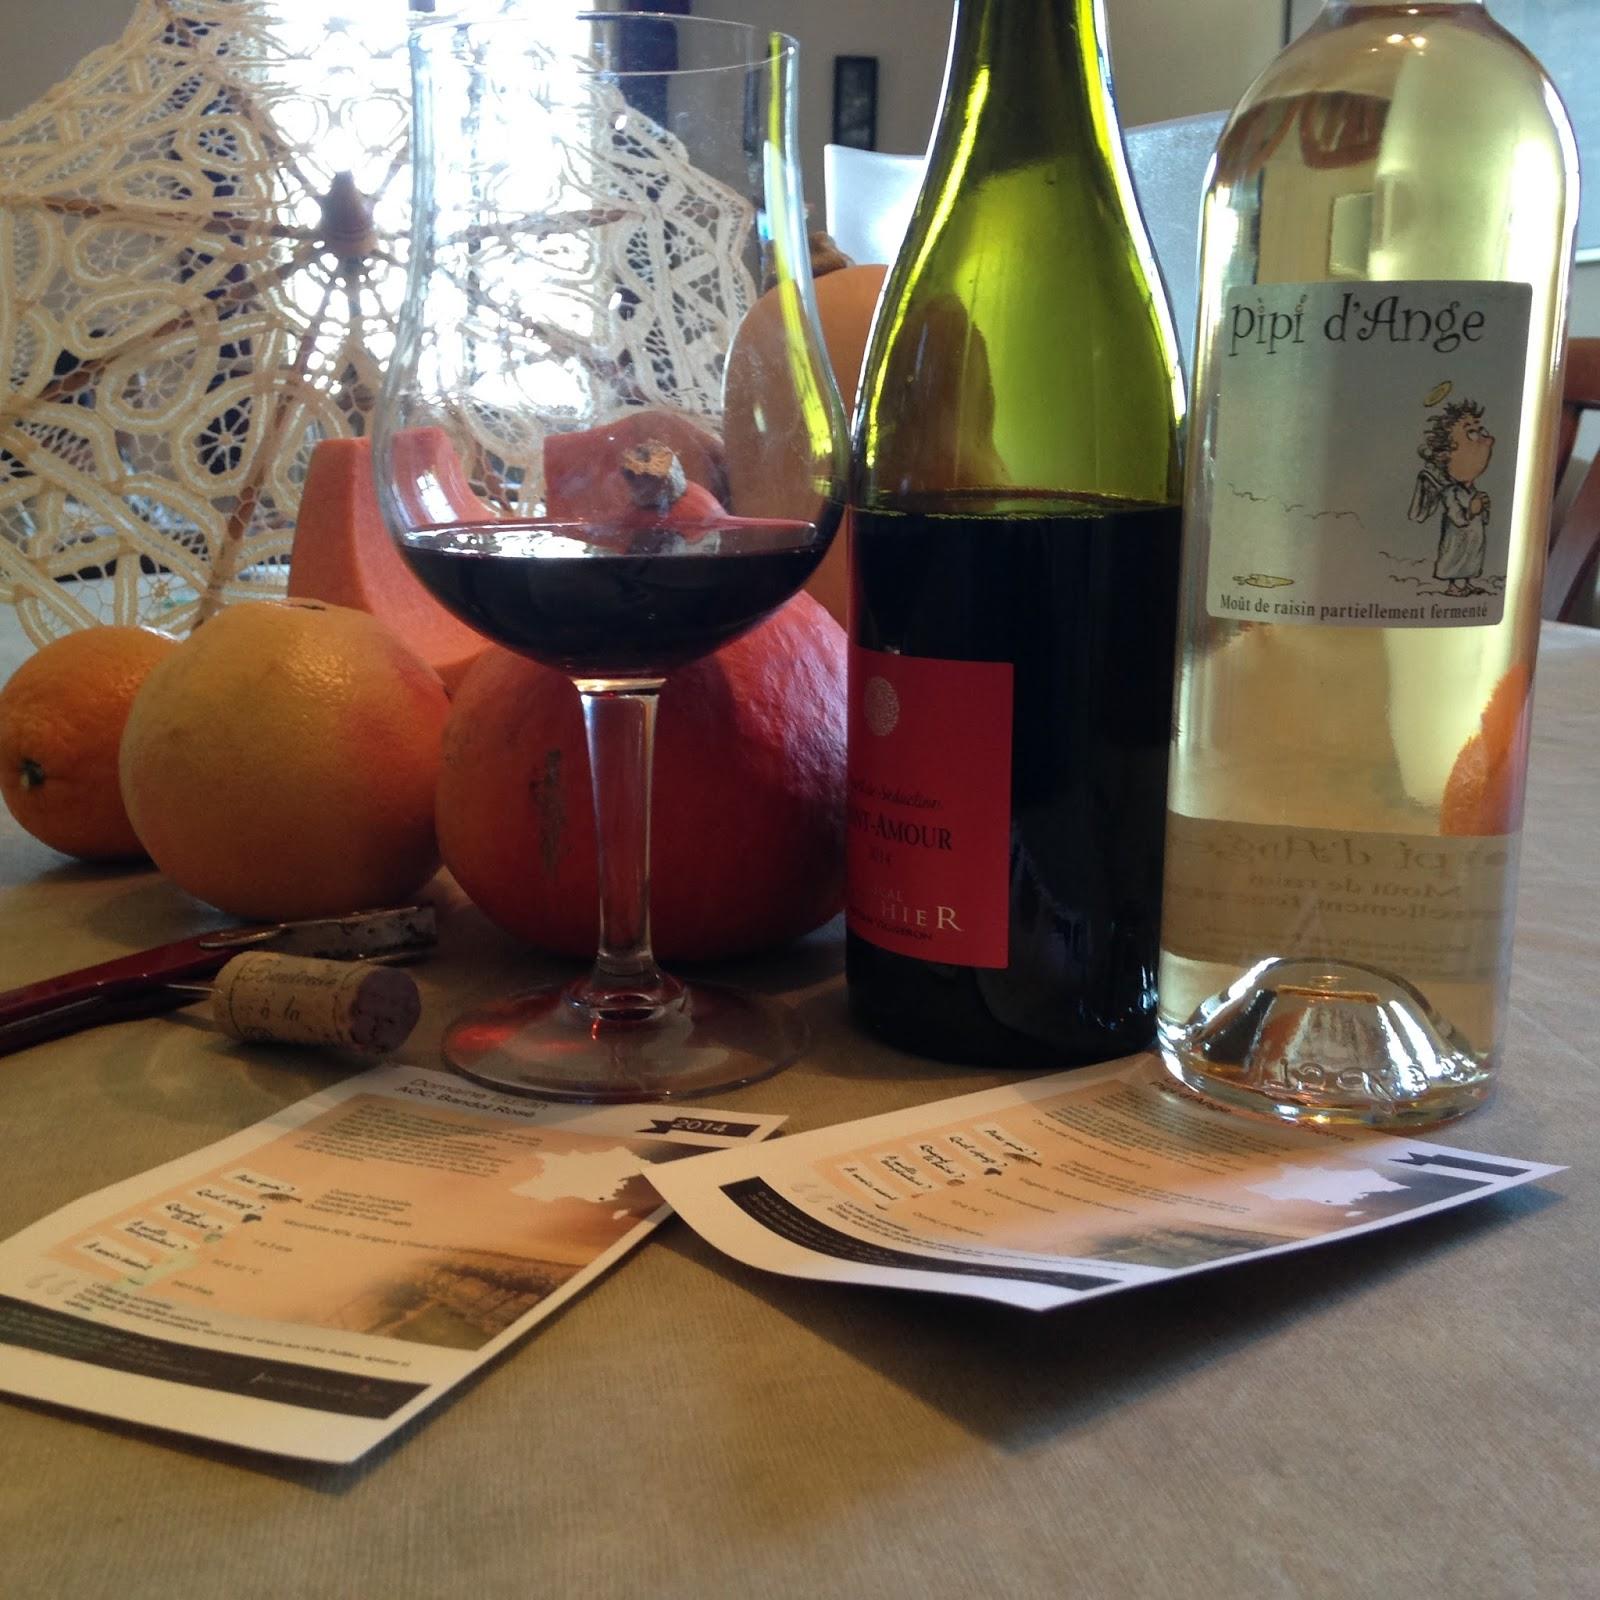 Choisissez le cadeau parfait avec offrir-du-vin.fr